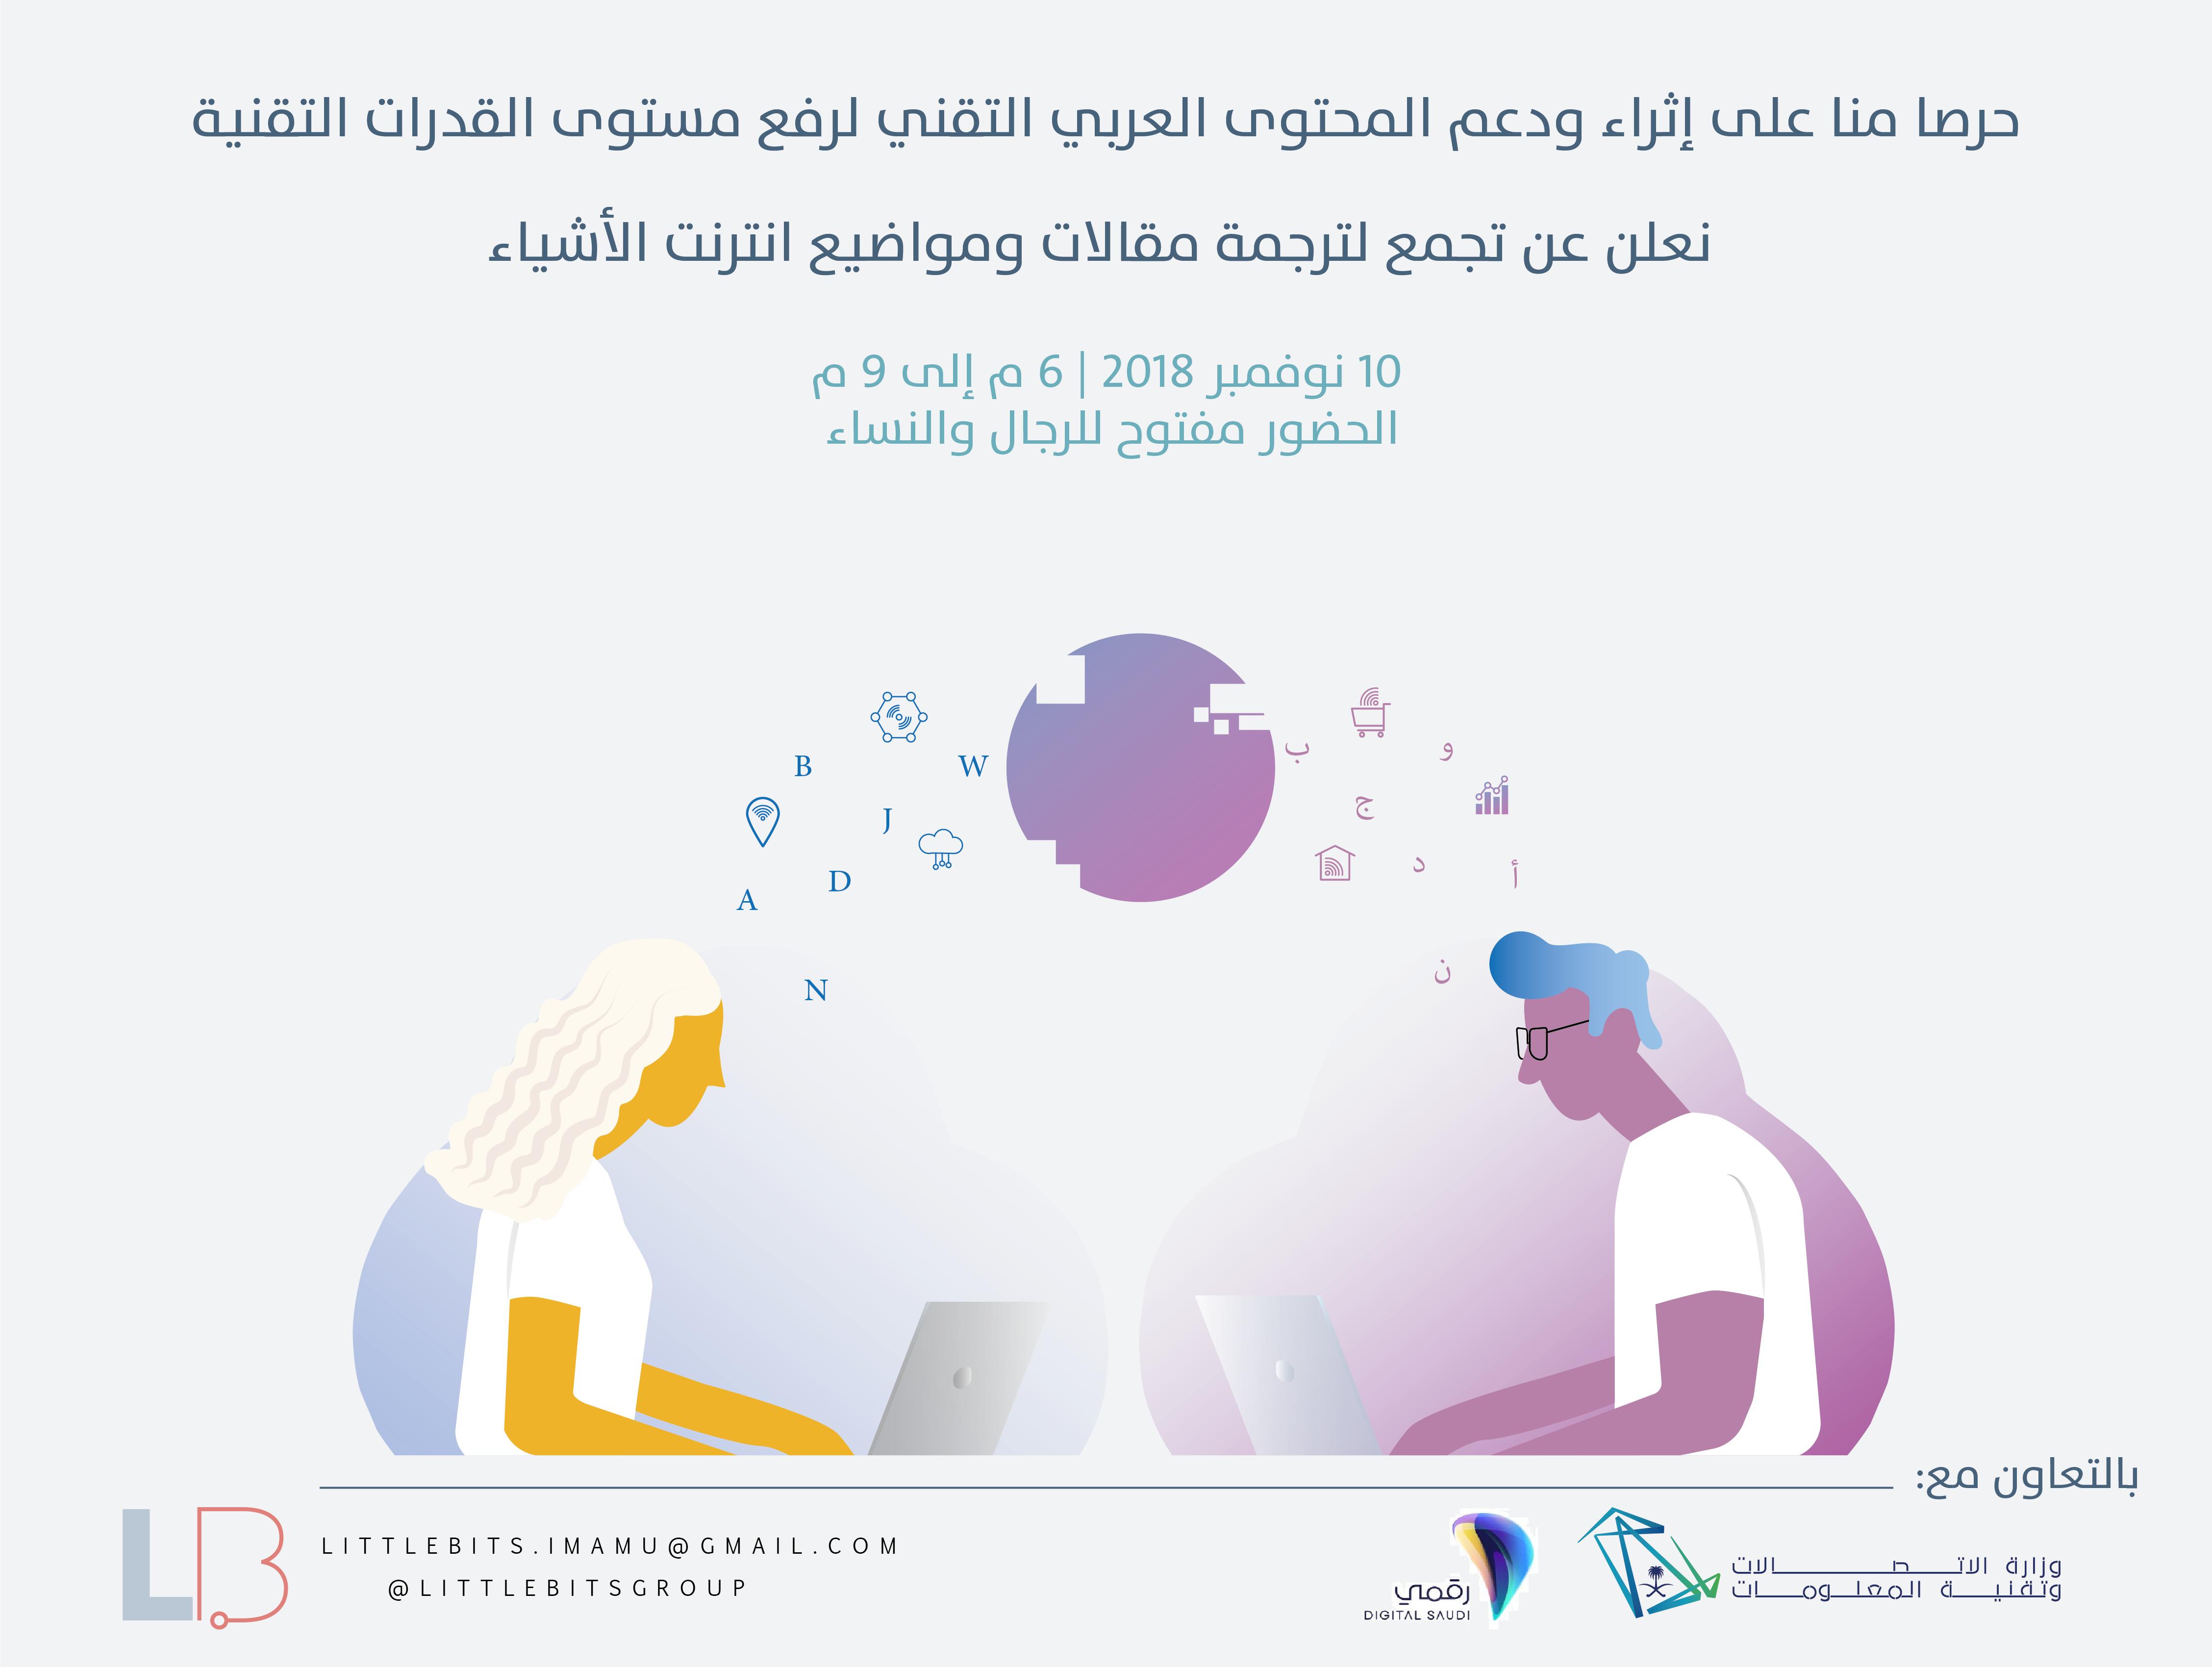 التجمع الأول لترجمة وإثراء محتوى انترنت الأشياء العربي